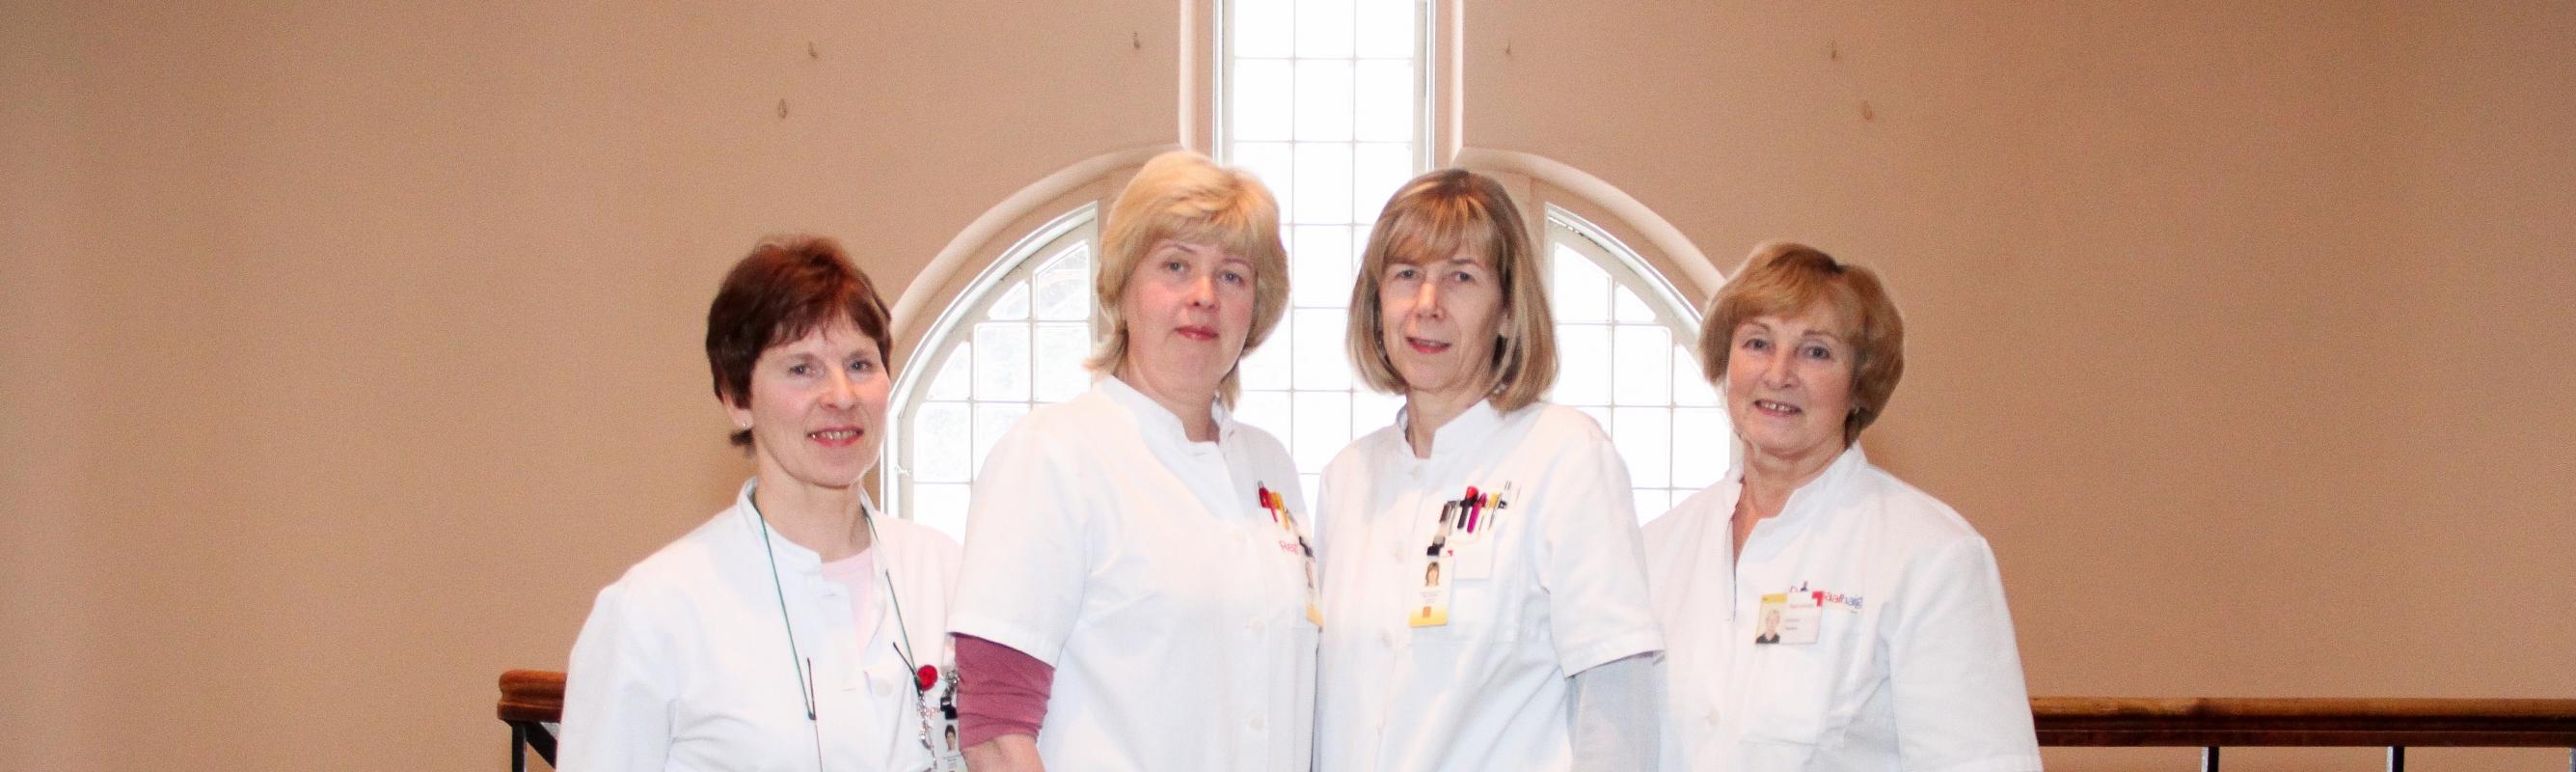 IV osakonna tublid õed